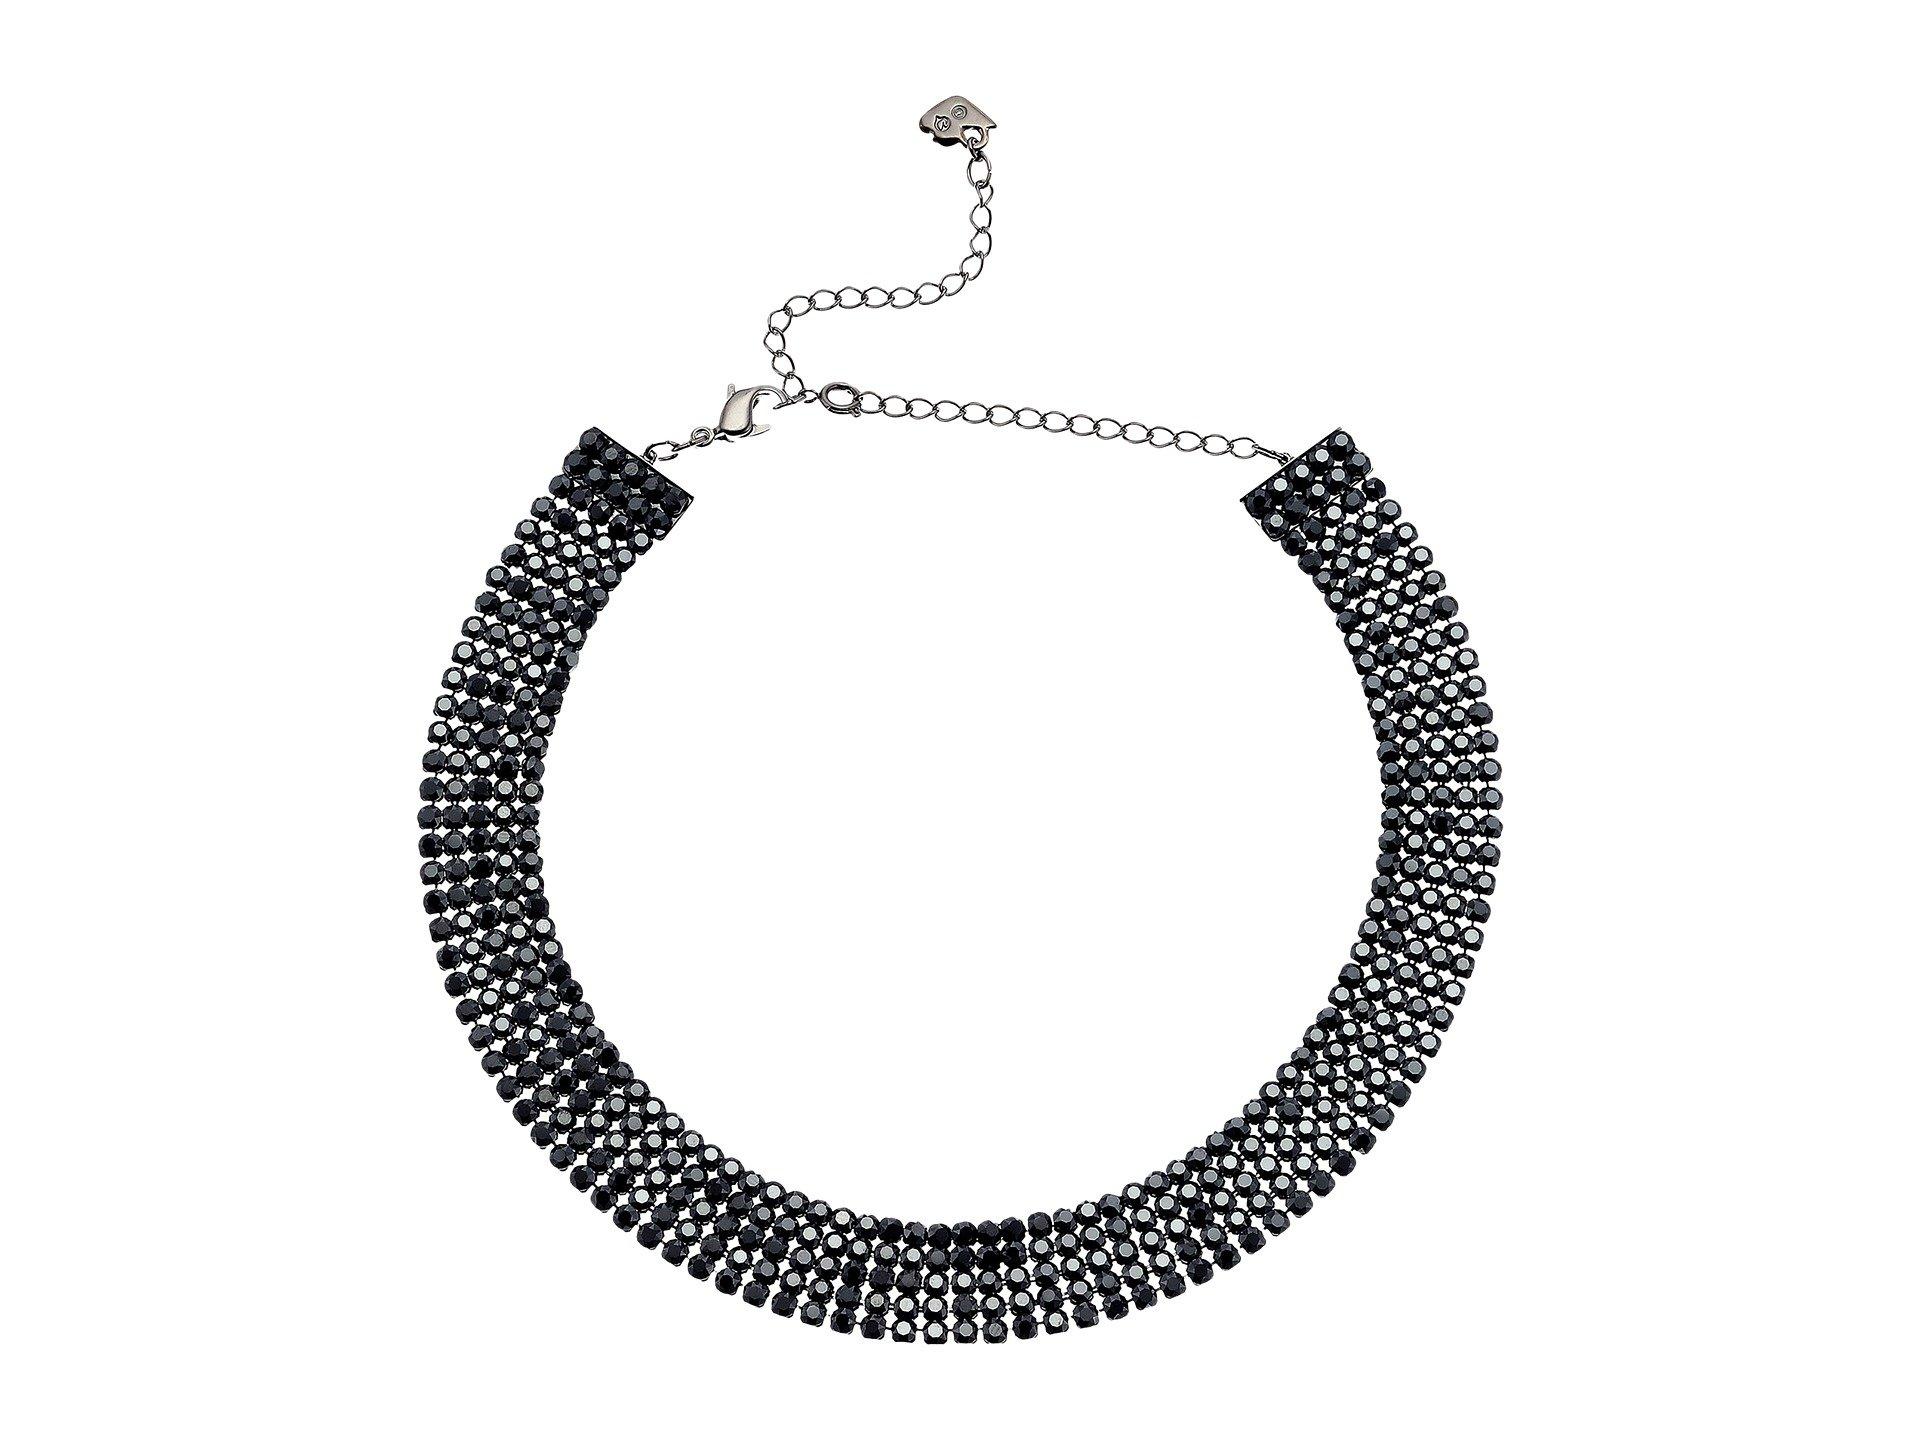 Swarovski Fit Necklace Choker, Black, Ruthenium Plating, 5355185 by SWAROVSKI